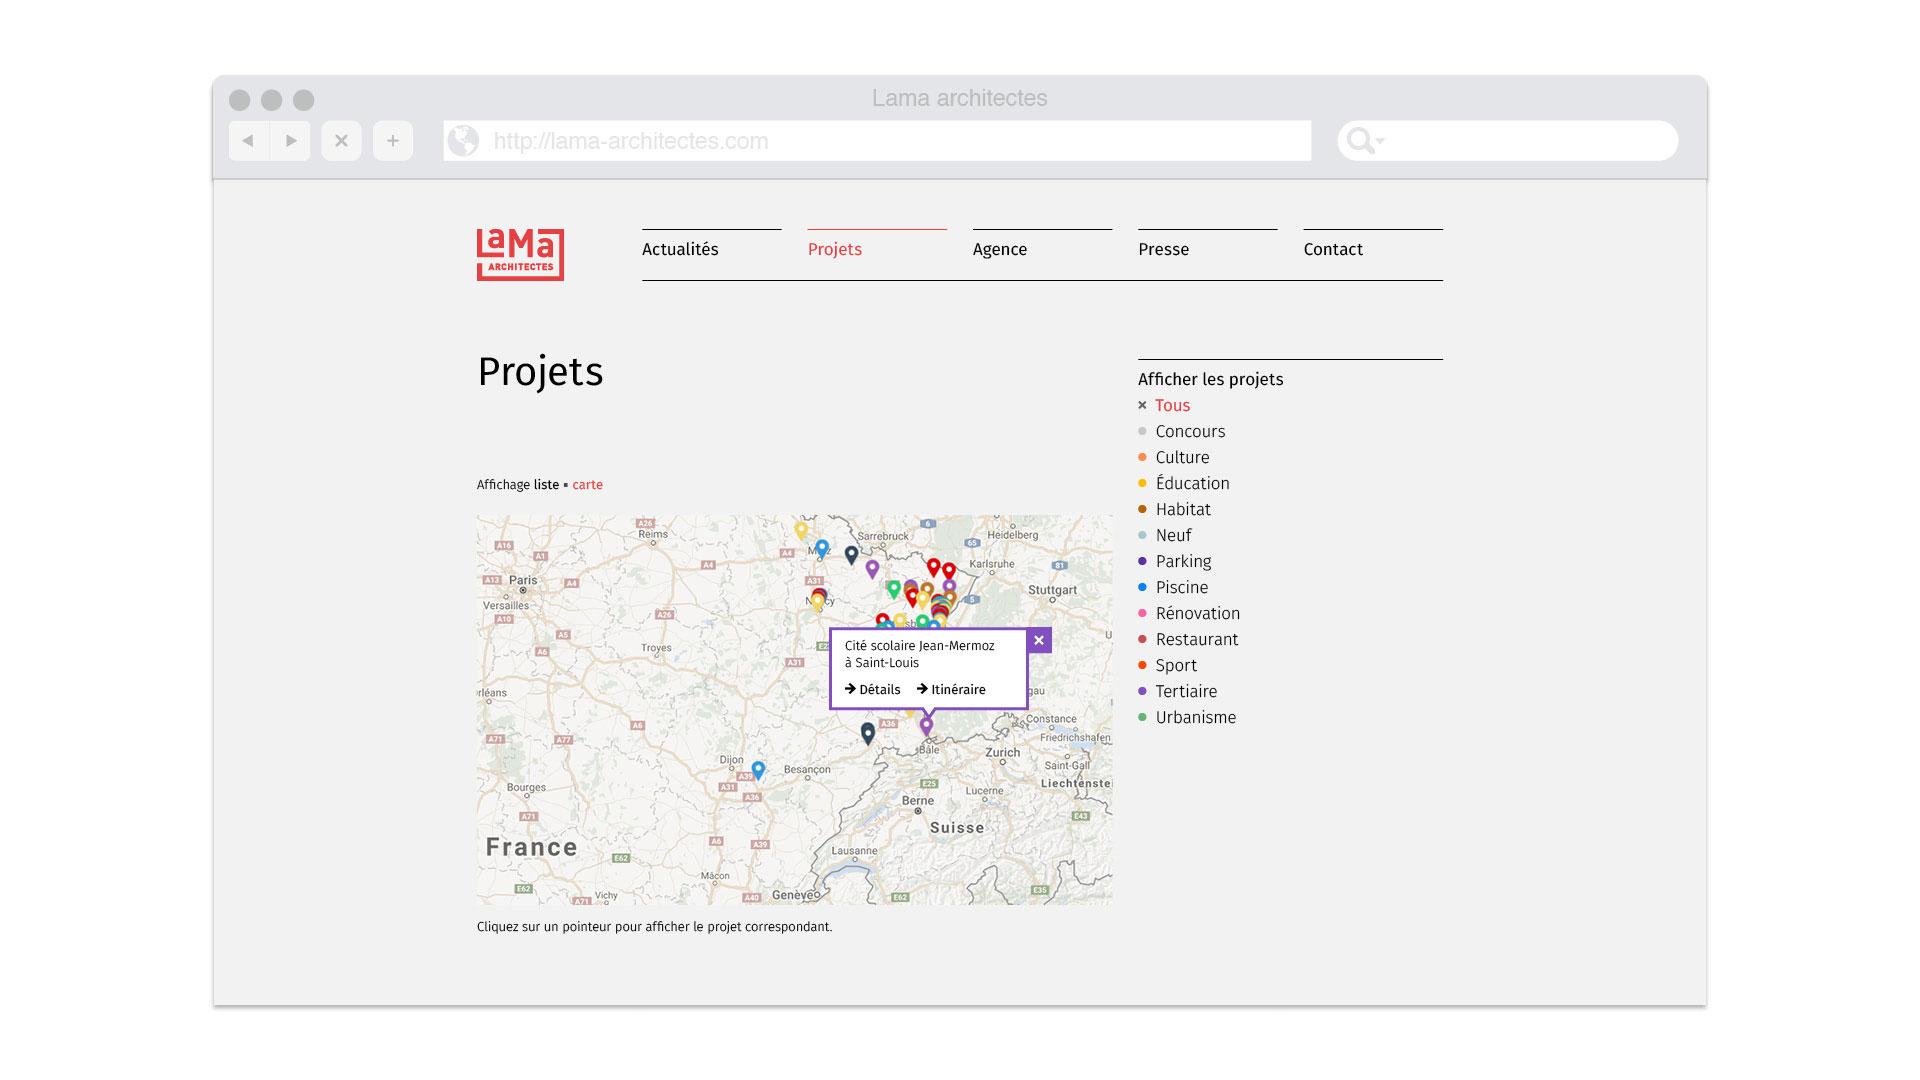 Affichage des projets du site Web sur carte